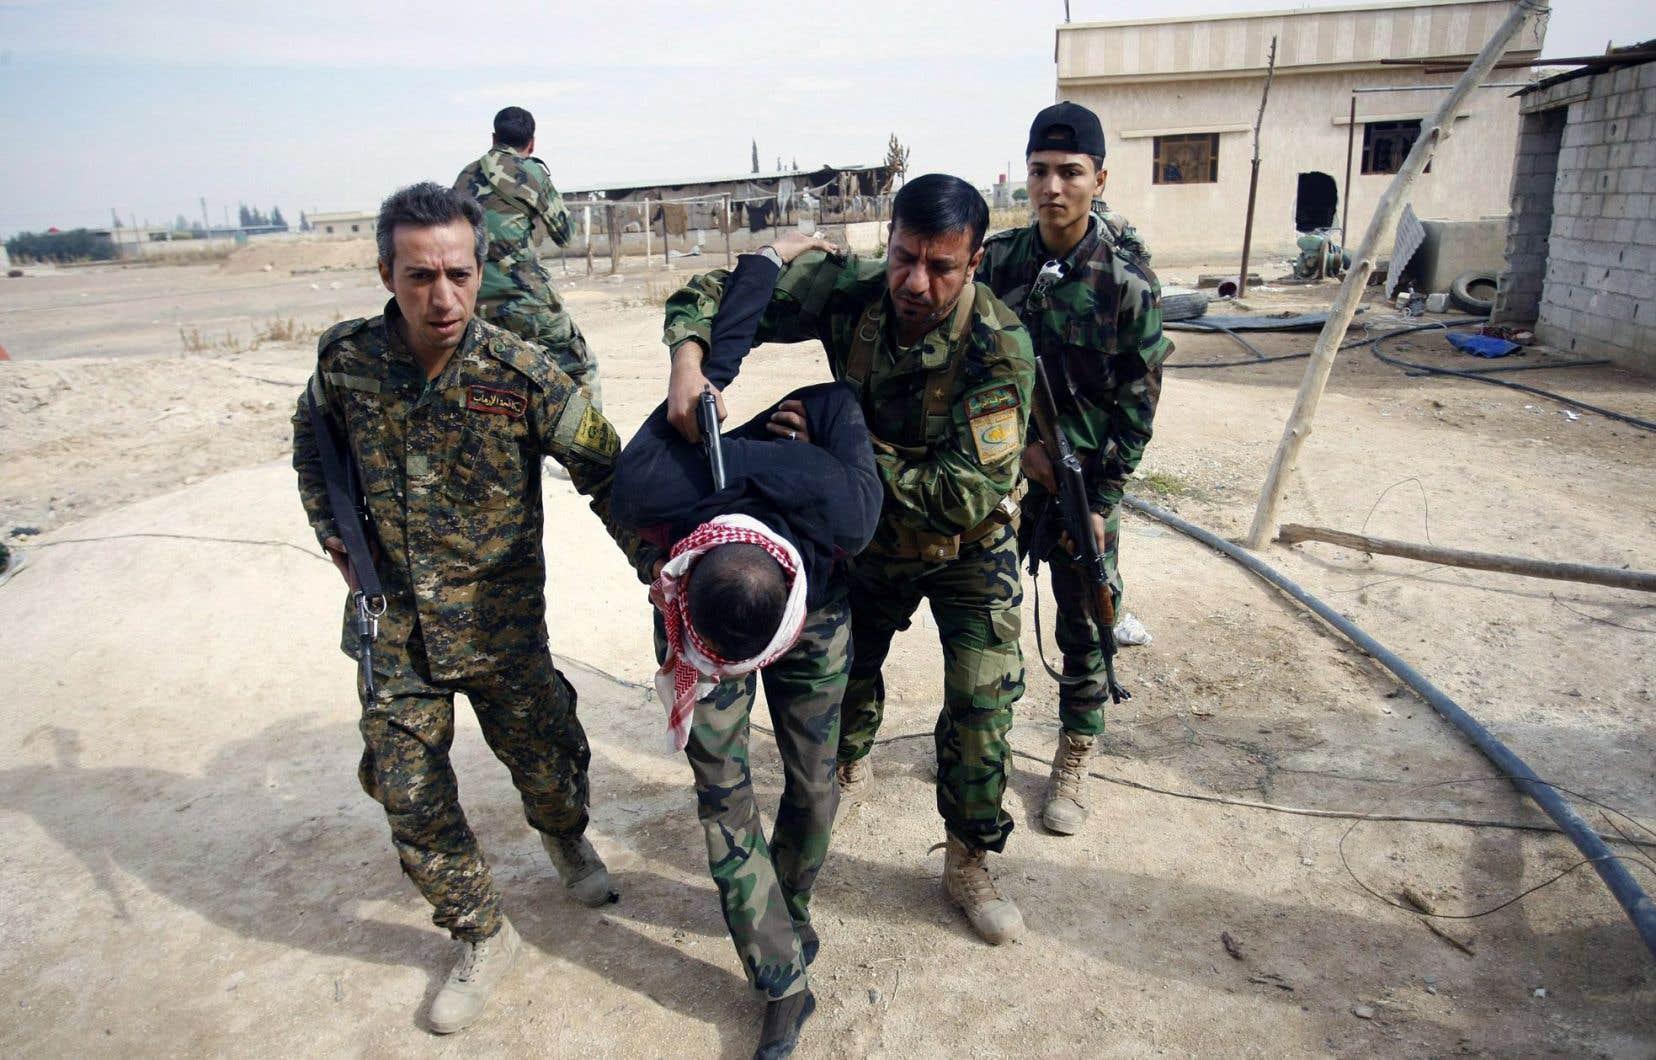 Syrie, novembre2013. Des militaires chiites conduisent en prison un membre sunnite de l'Armée syrienne libre.